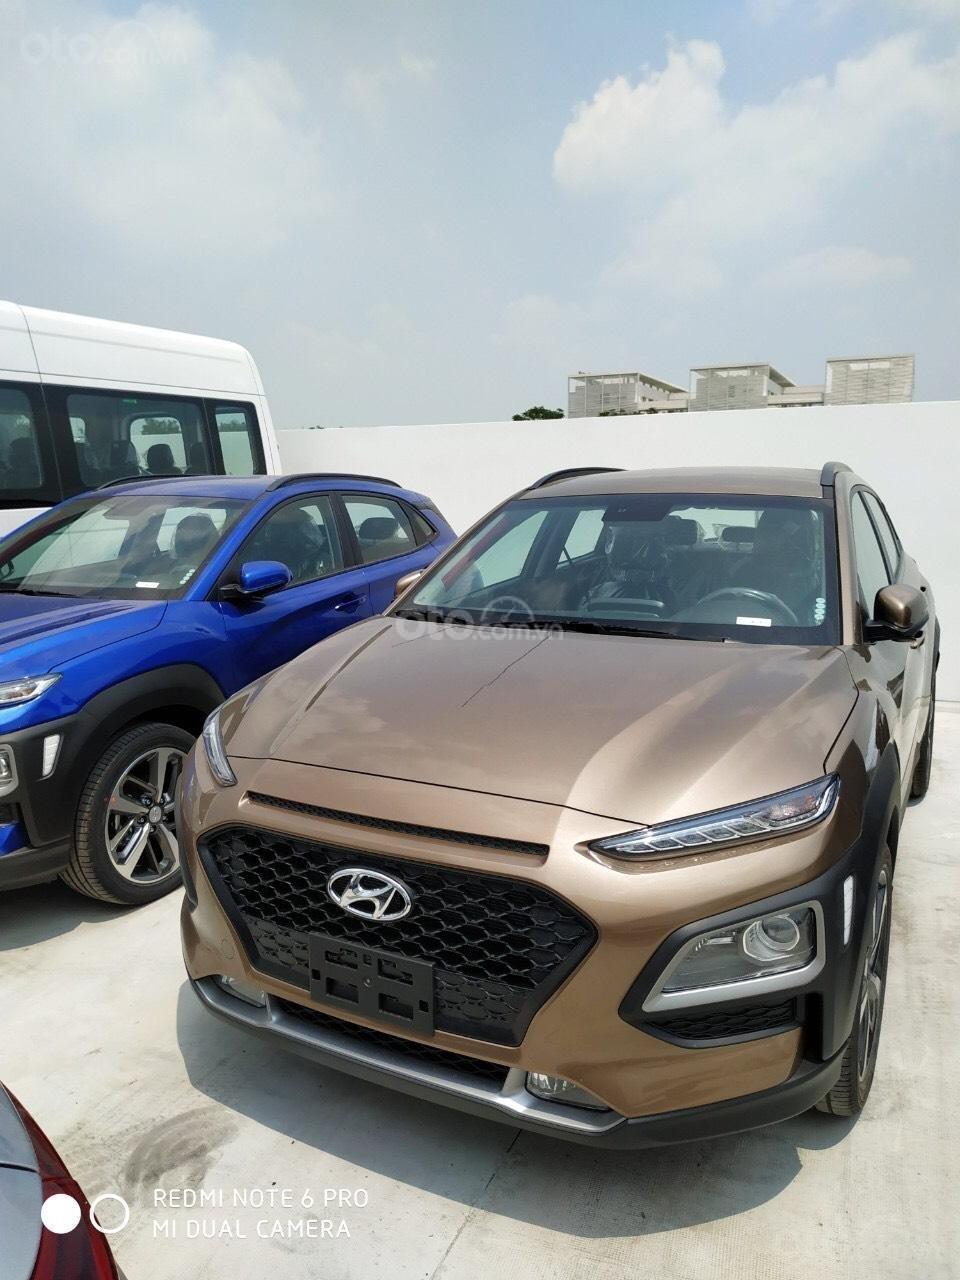 Hyundai Ngọc An bán Hyundai Santa Fe giá tốt, góp 90%, xe đủ màu giao ngay, tặng tiền mặt phụ kiện giá tốt nhất miền Nam (3)